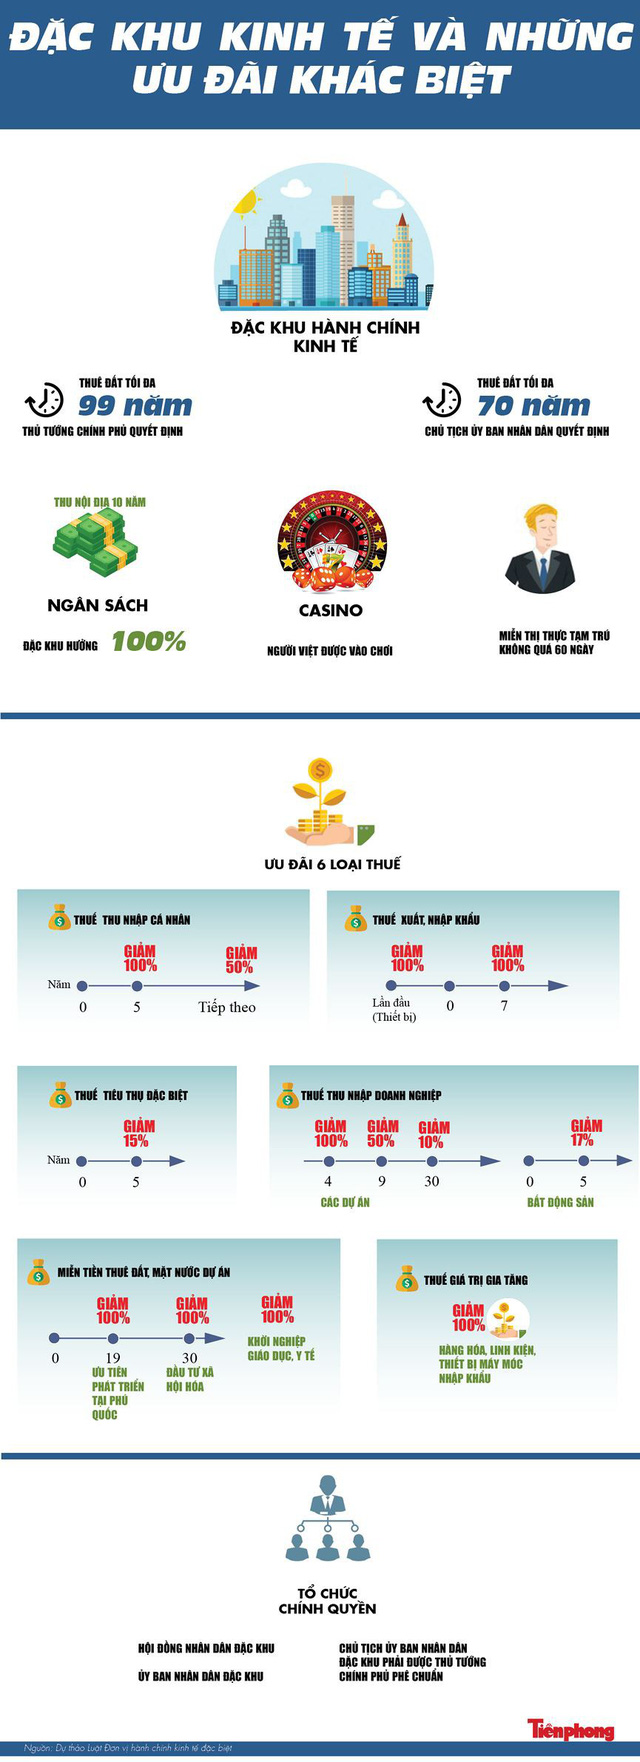 [Infographics] Đặc khu kinh tế và những điều khác biệt - Ảnh 1.